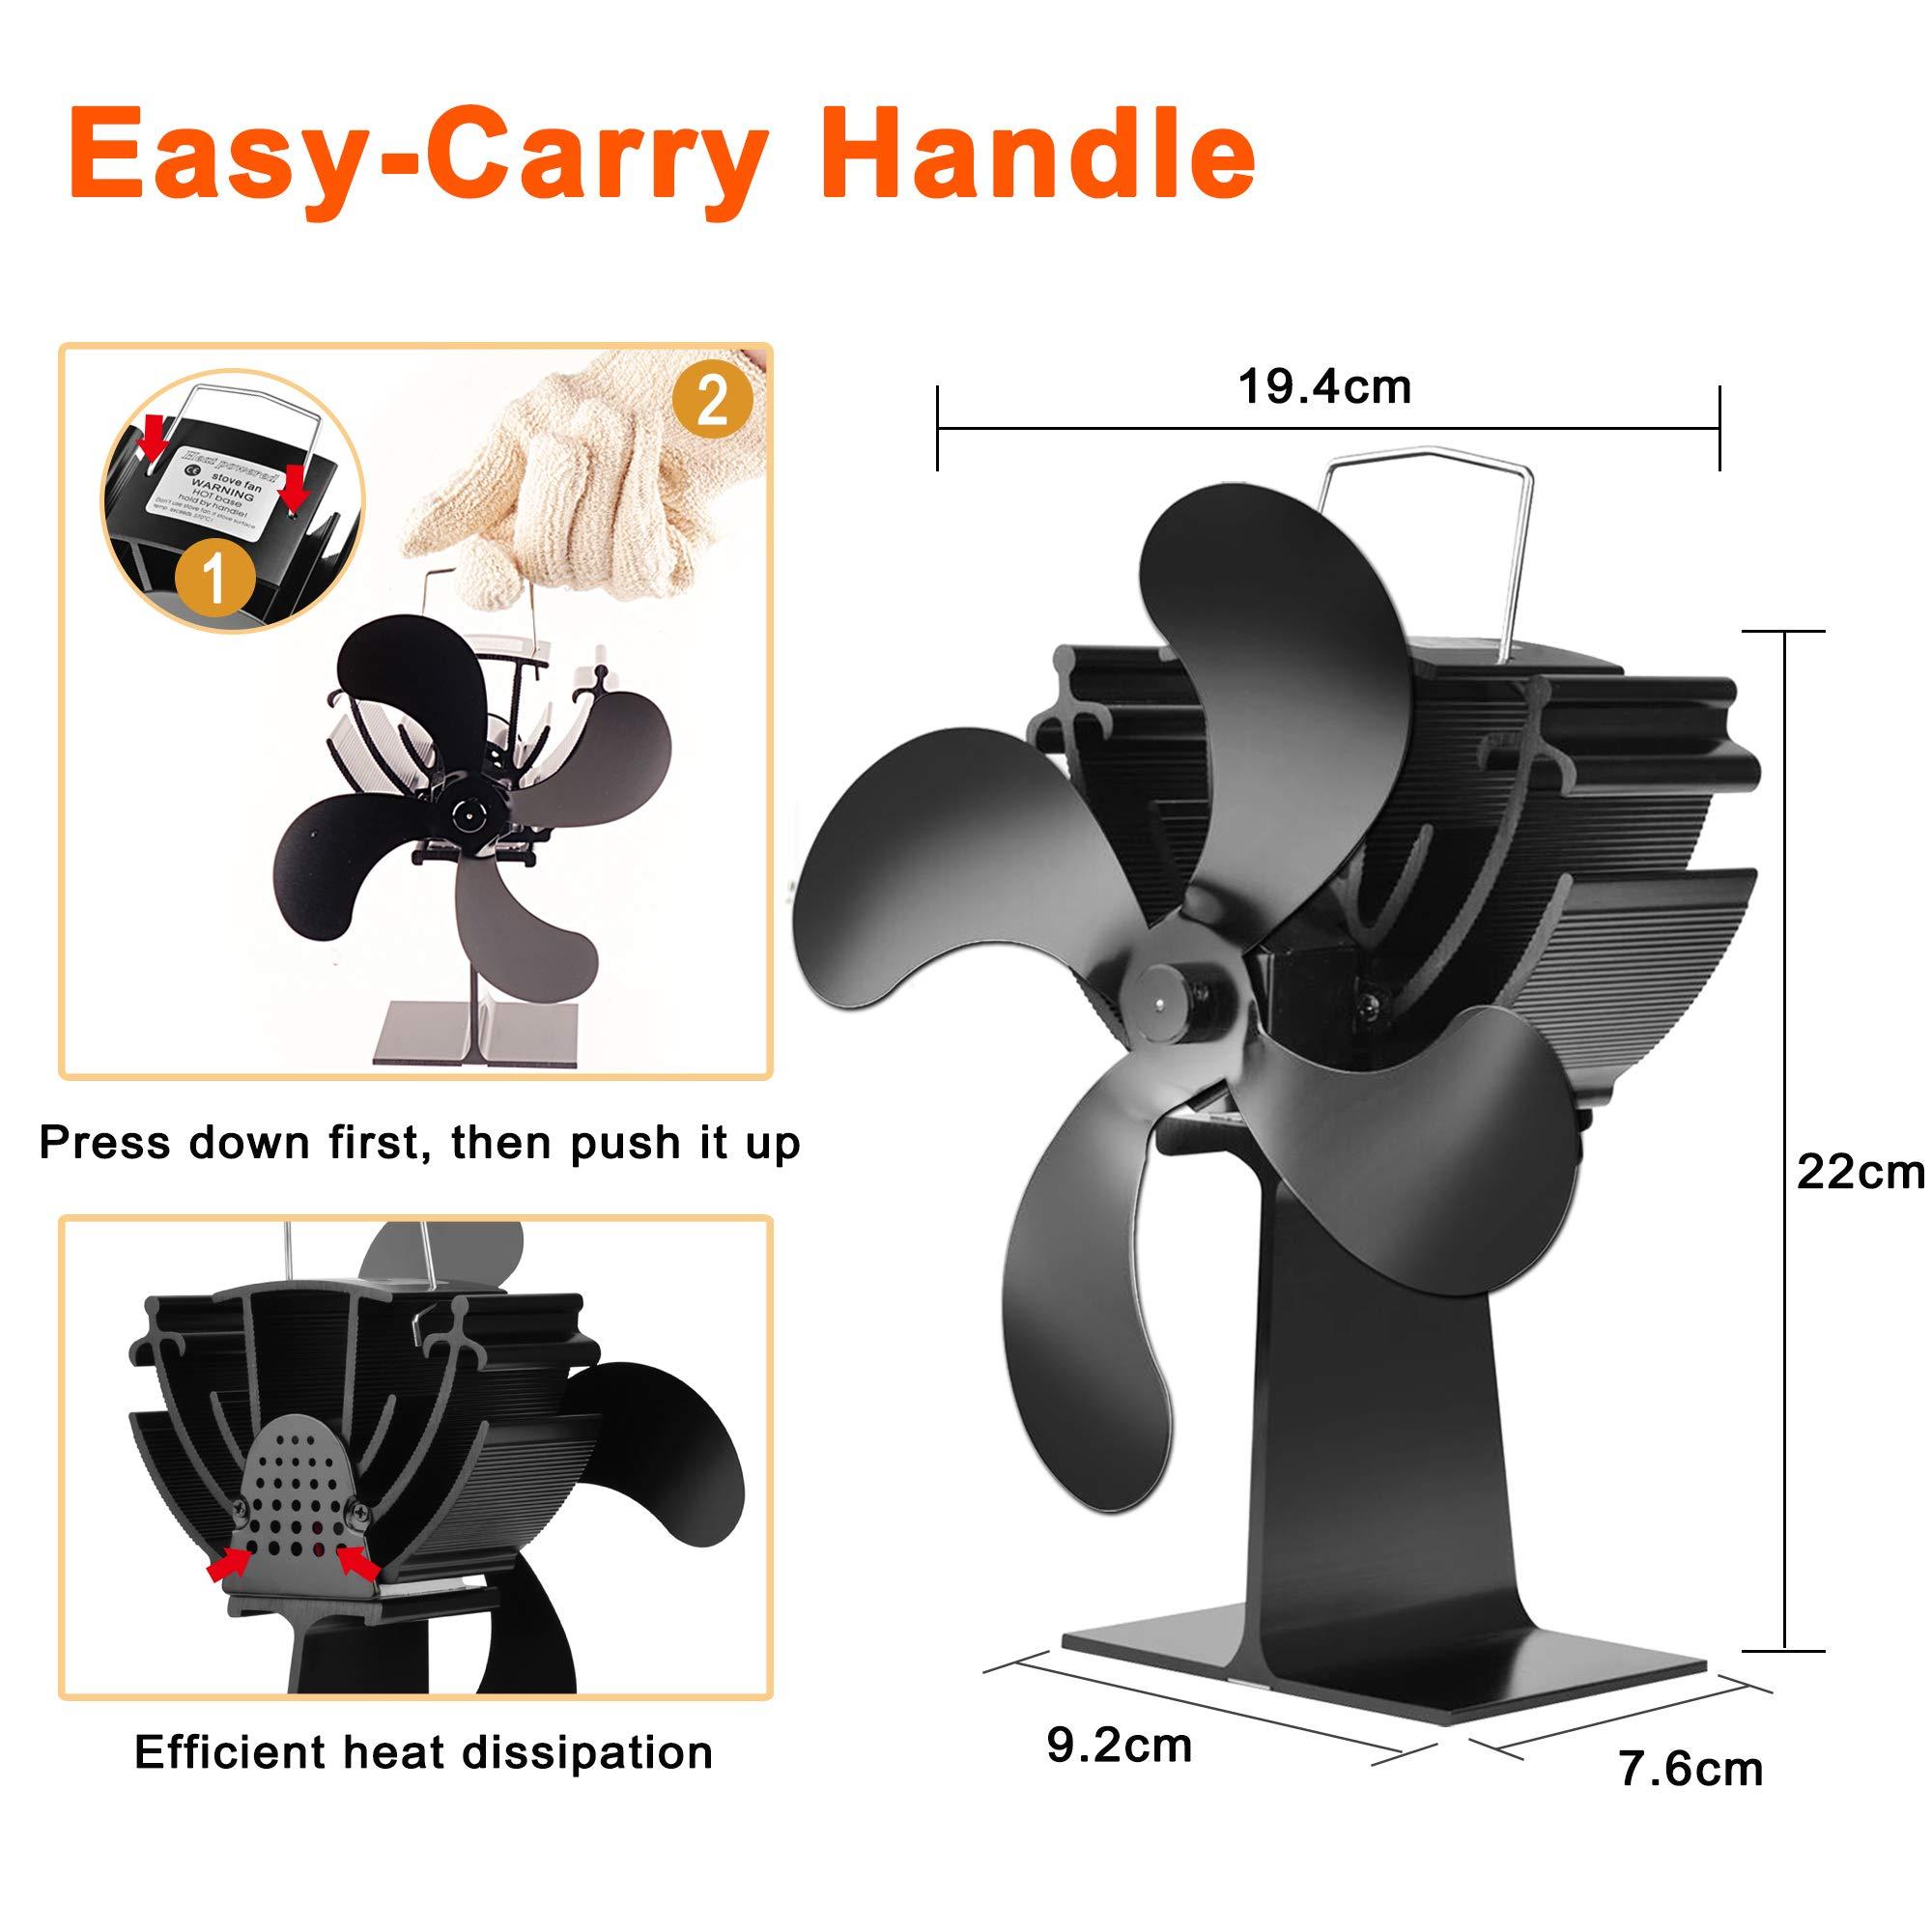 Ventilador De Chimenea Ventilador Ecol/ógico Y Eficien Ventilador De Estufa Ventiladores De Quemador De Madera De 5 Palas Ventiladores Ventiladores De Estufa Alimentados Por Calor Para Chimenea Le/ña